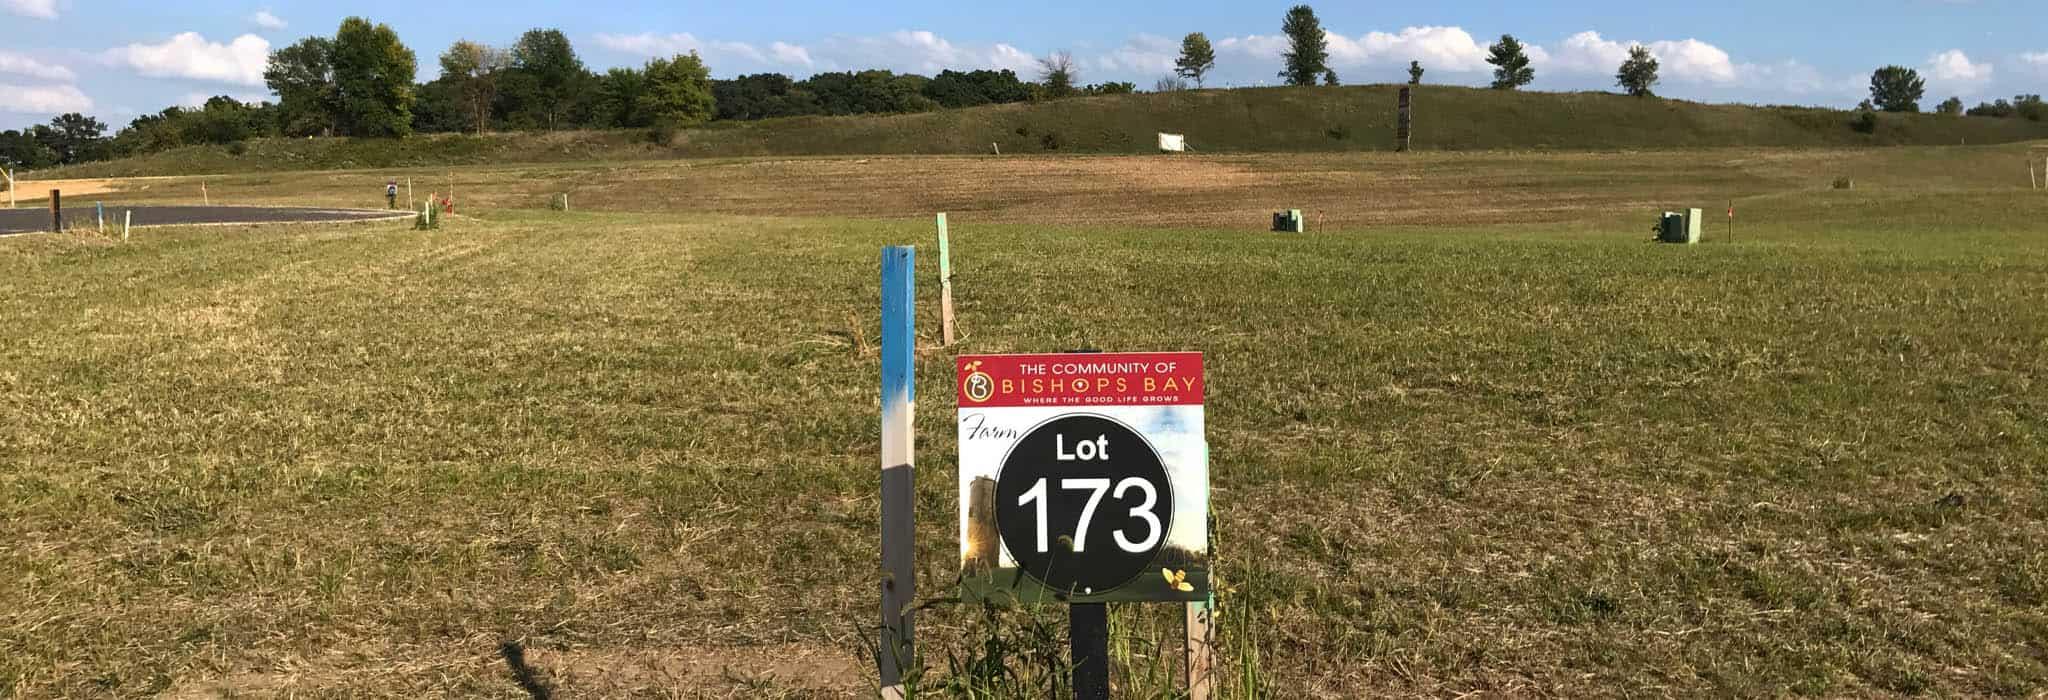 Farm Lot 173